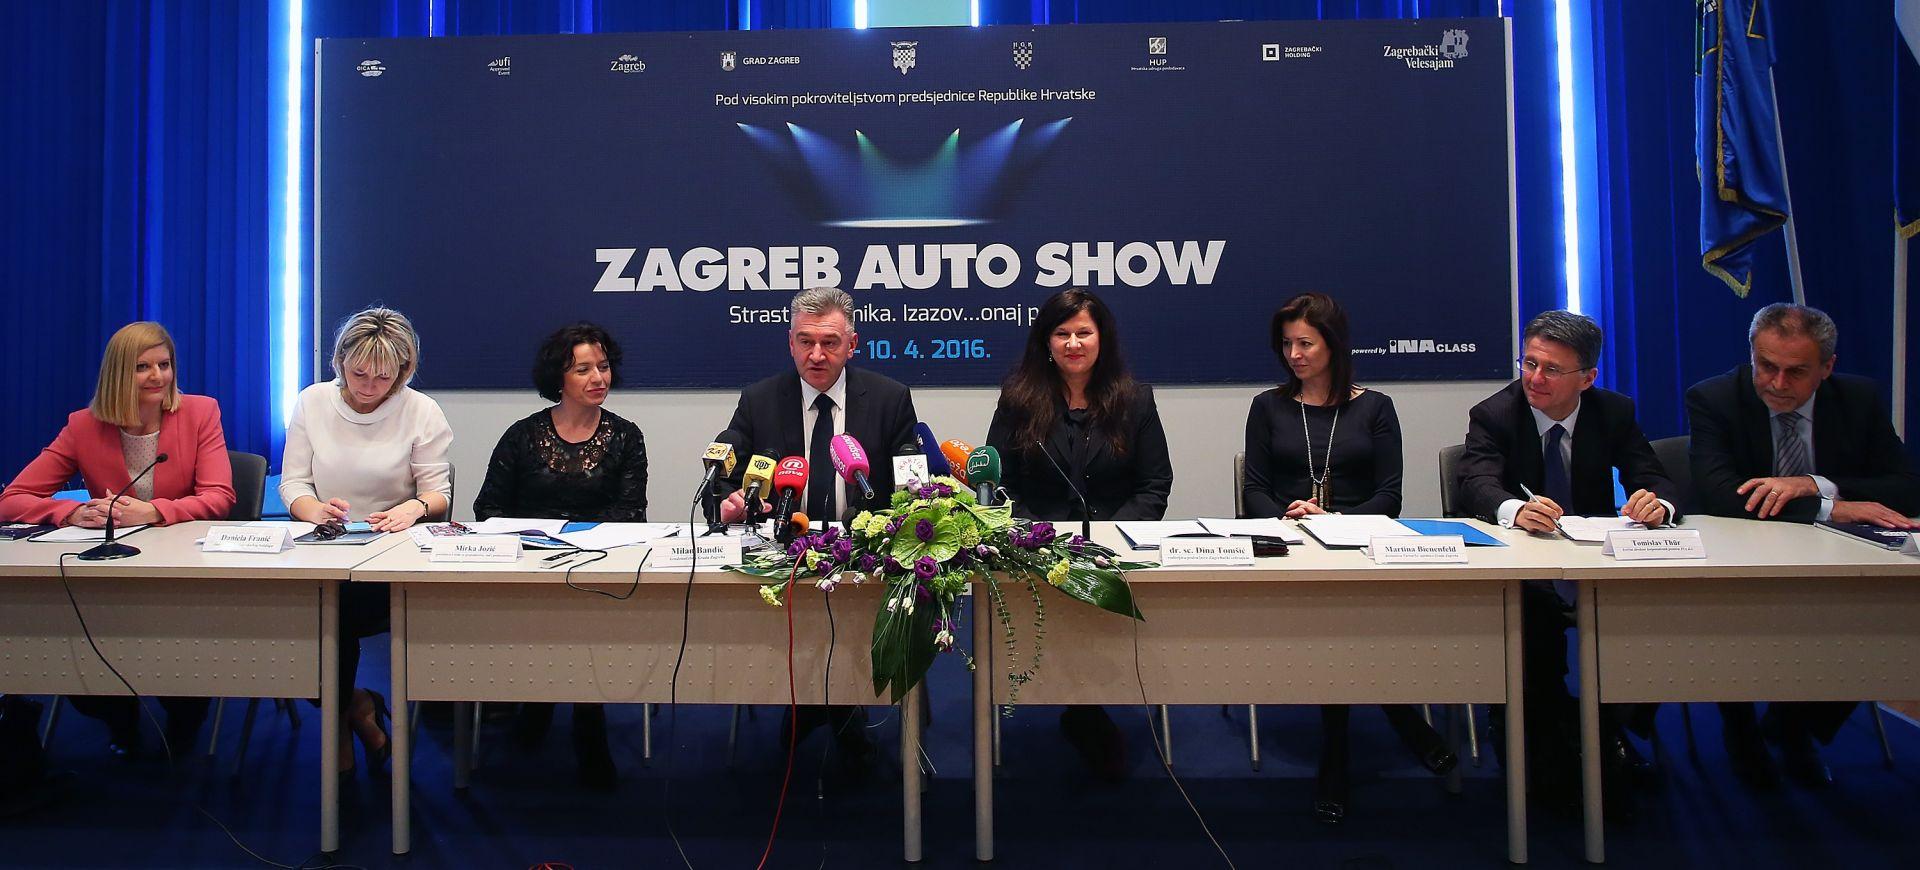 EUROPSKI EVENT Zagreb Auto Show okuplja 440 izlagača i očekuje oko 120 tisuća posjetitelja